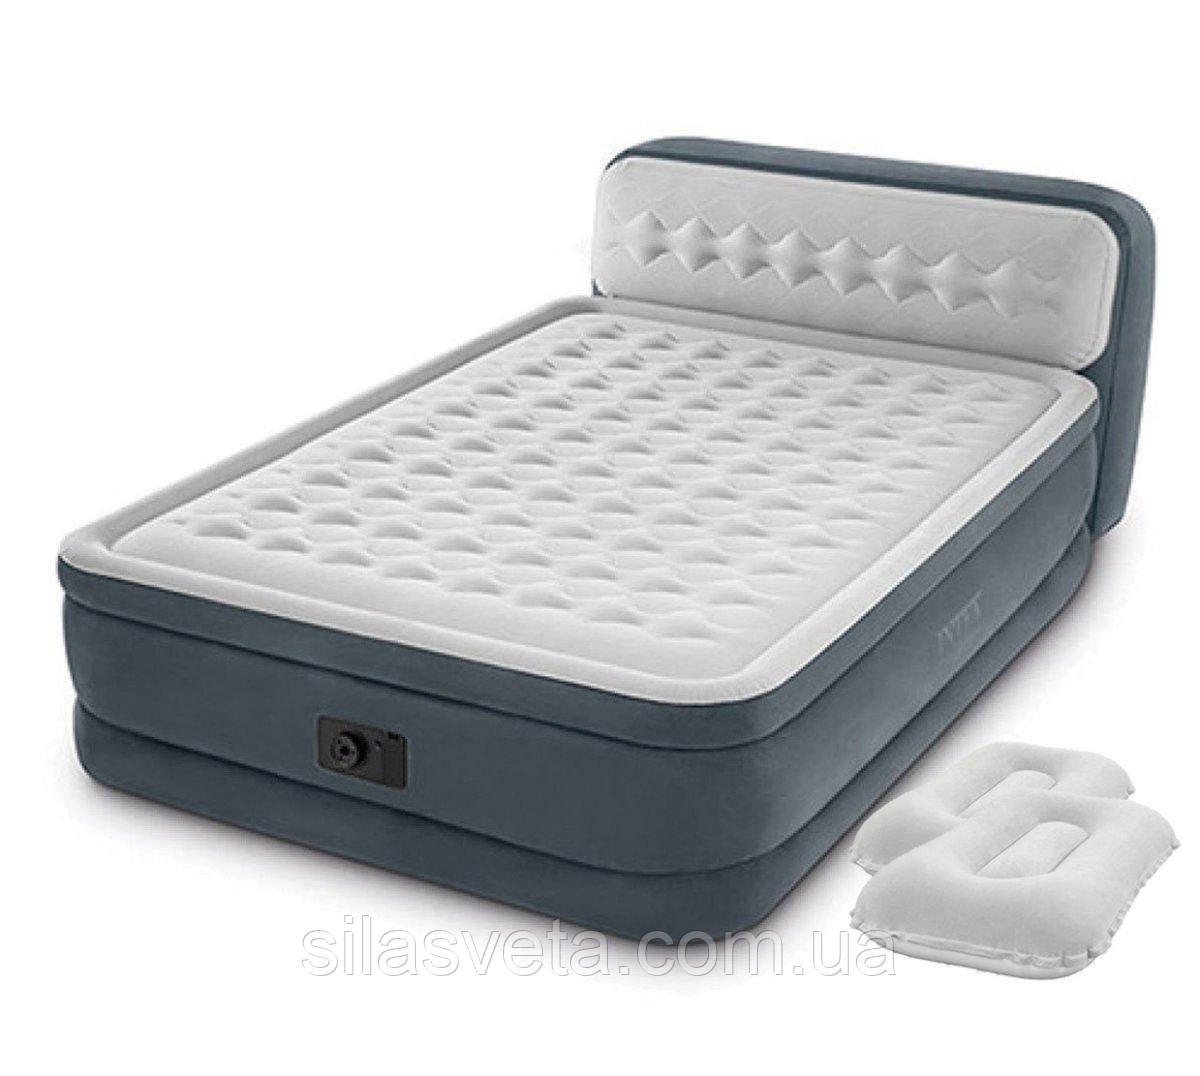 Надувная двухместная кровать со встроенным эл.насосом Intex 64448-2 (152х236х46 (86) см.) + подушки